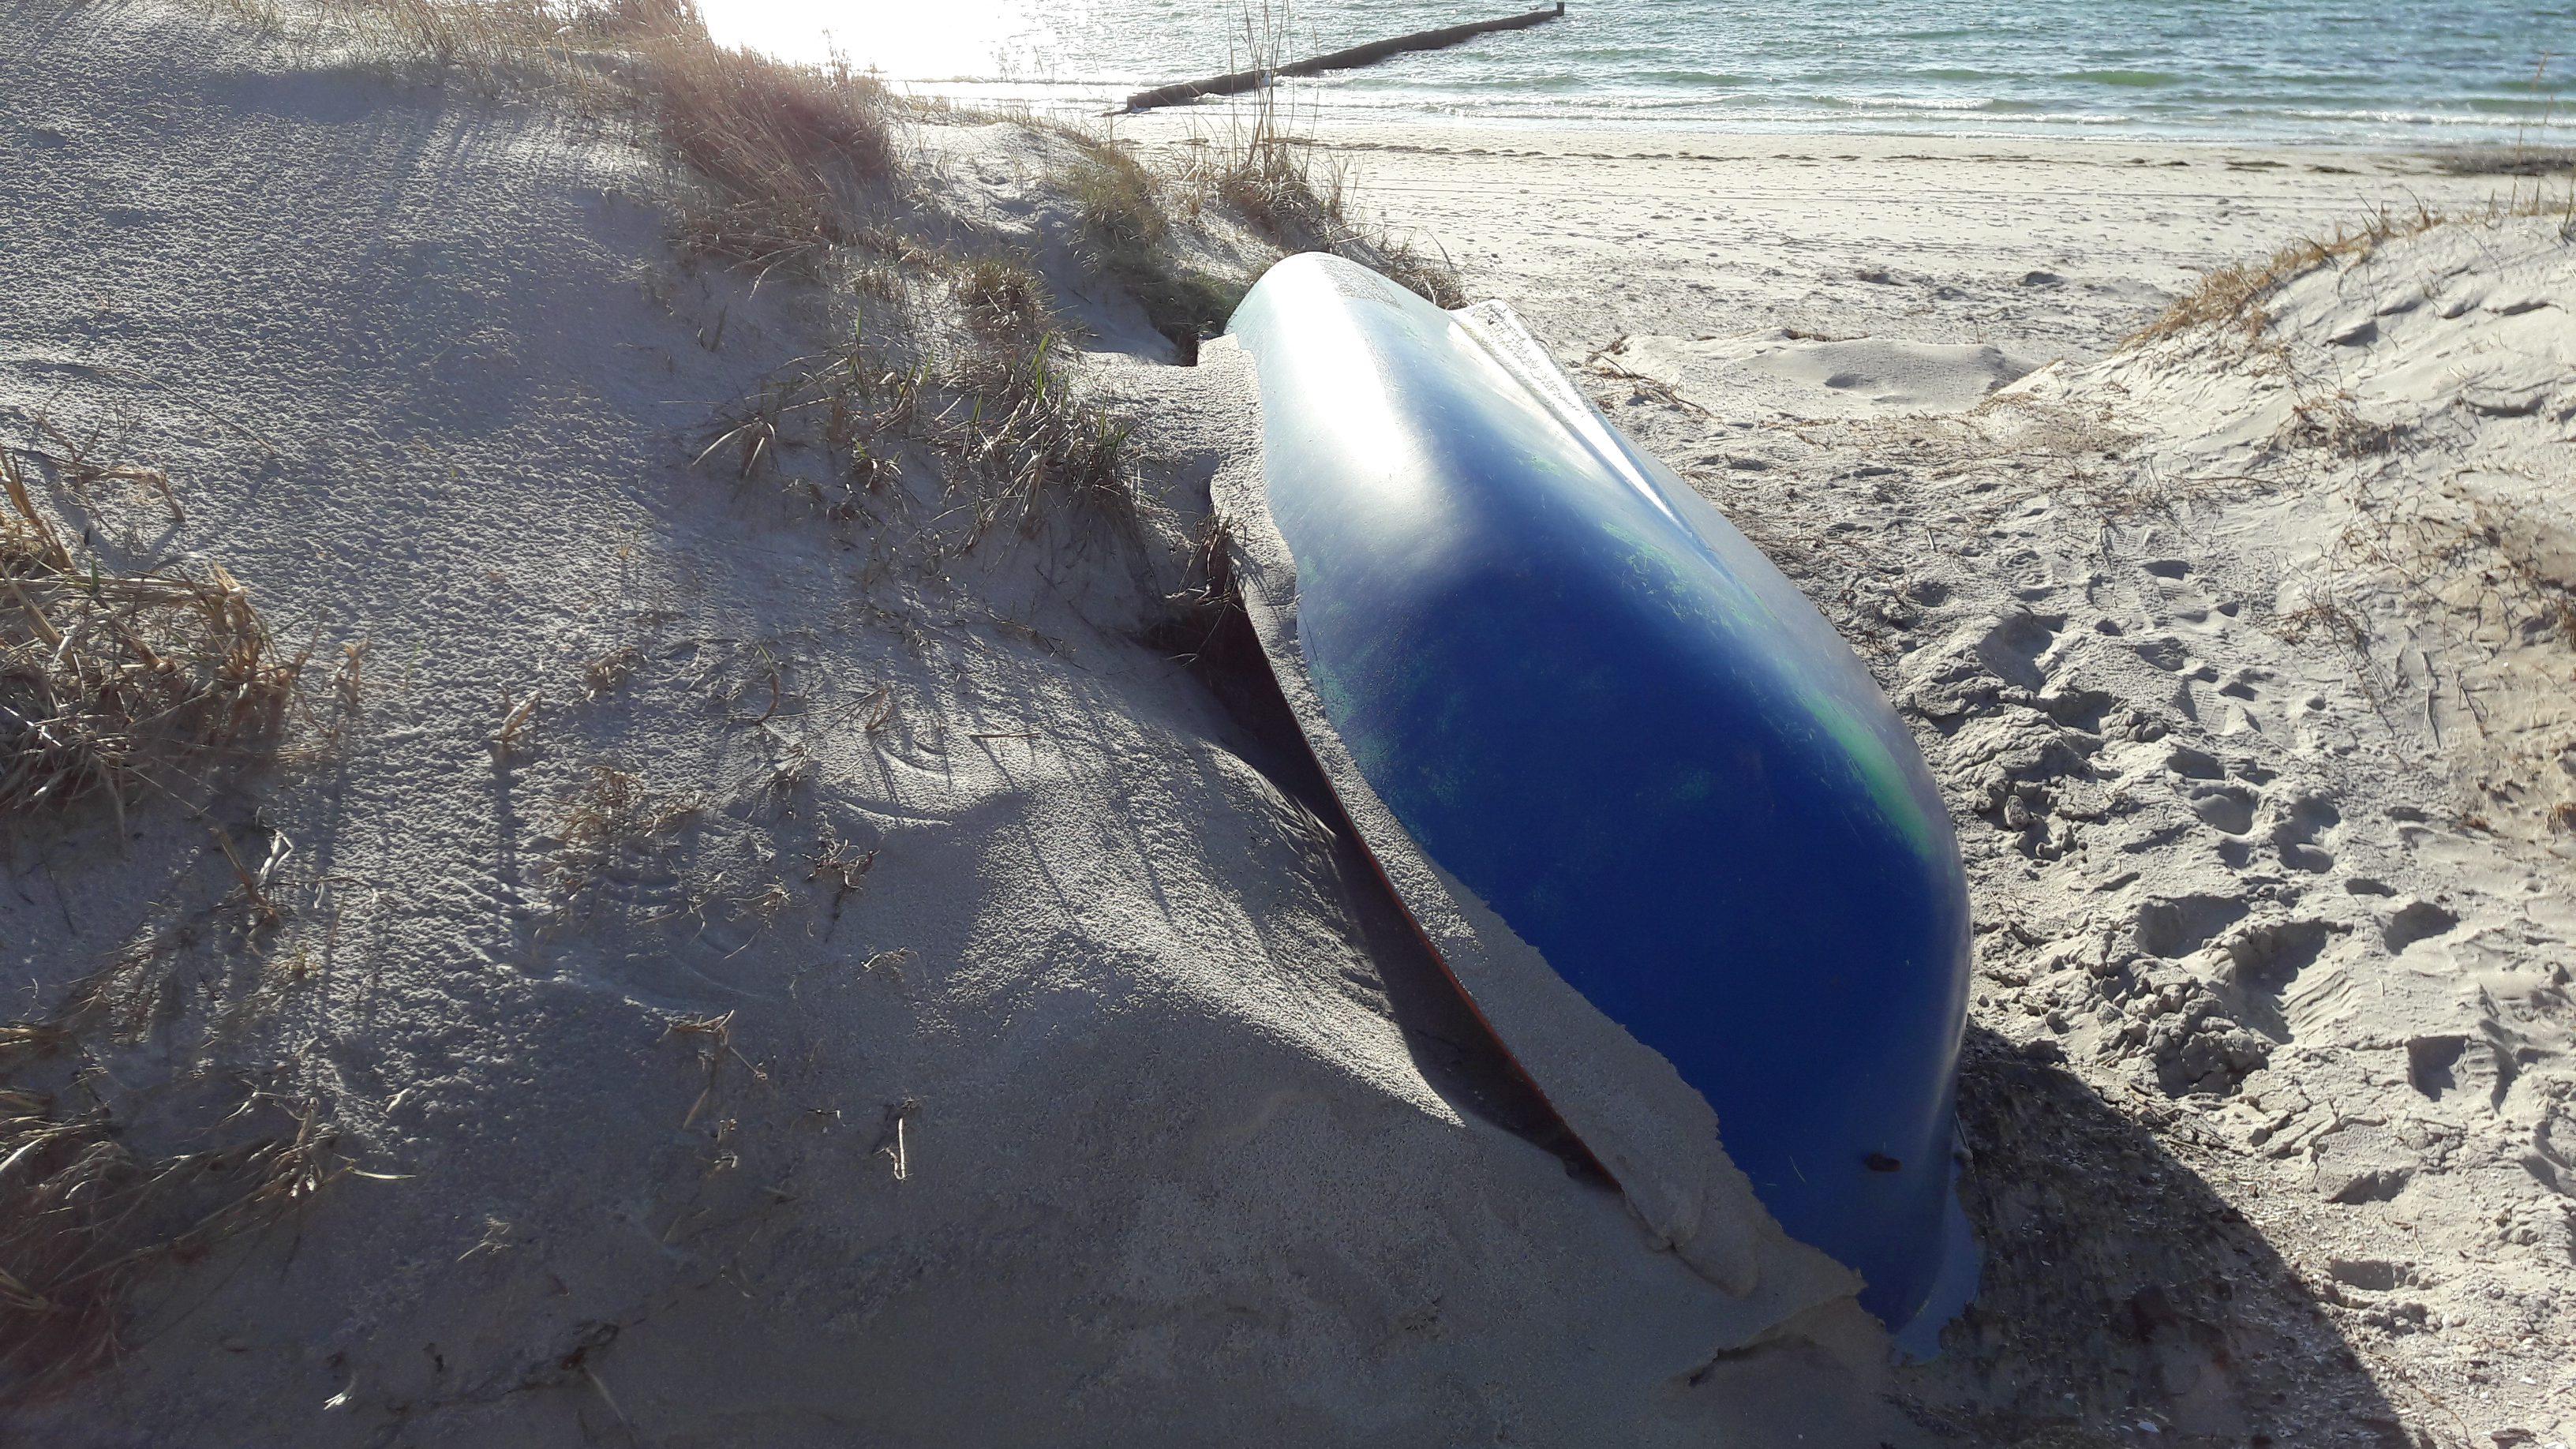 Ein blaues Ruderboot liegt am Strand